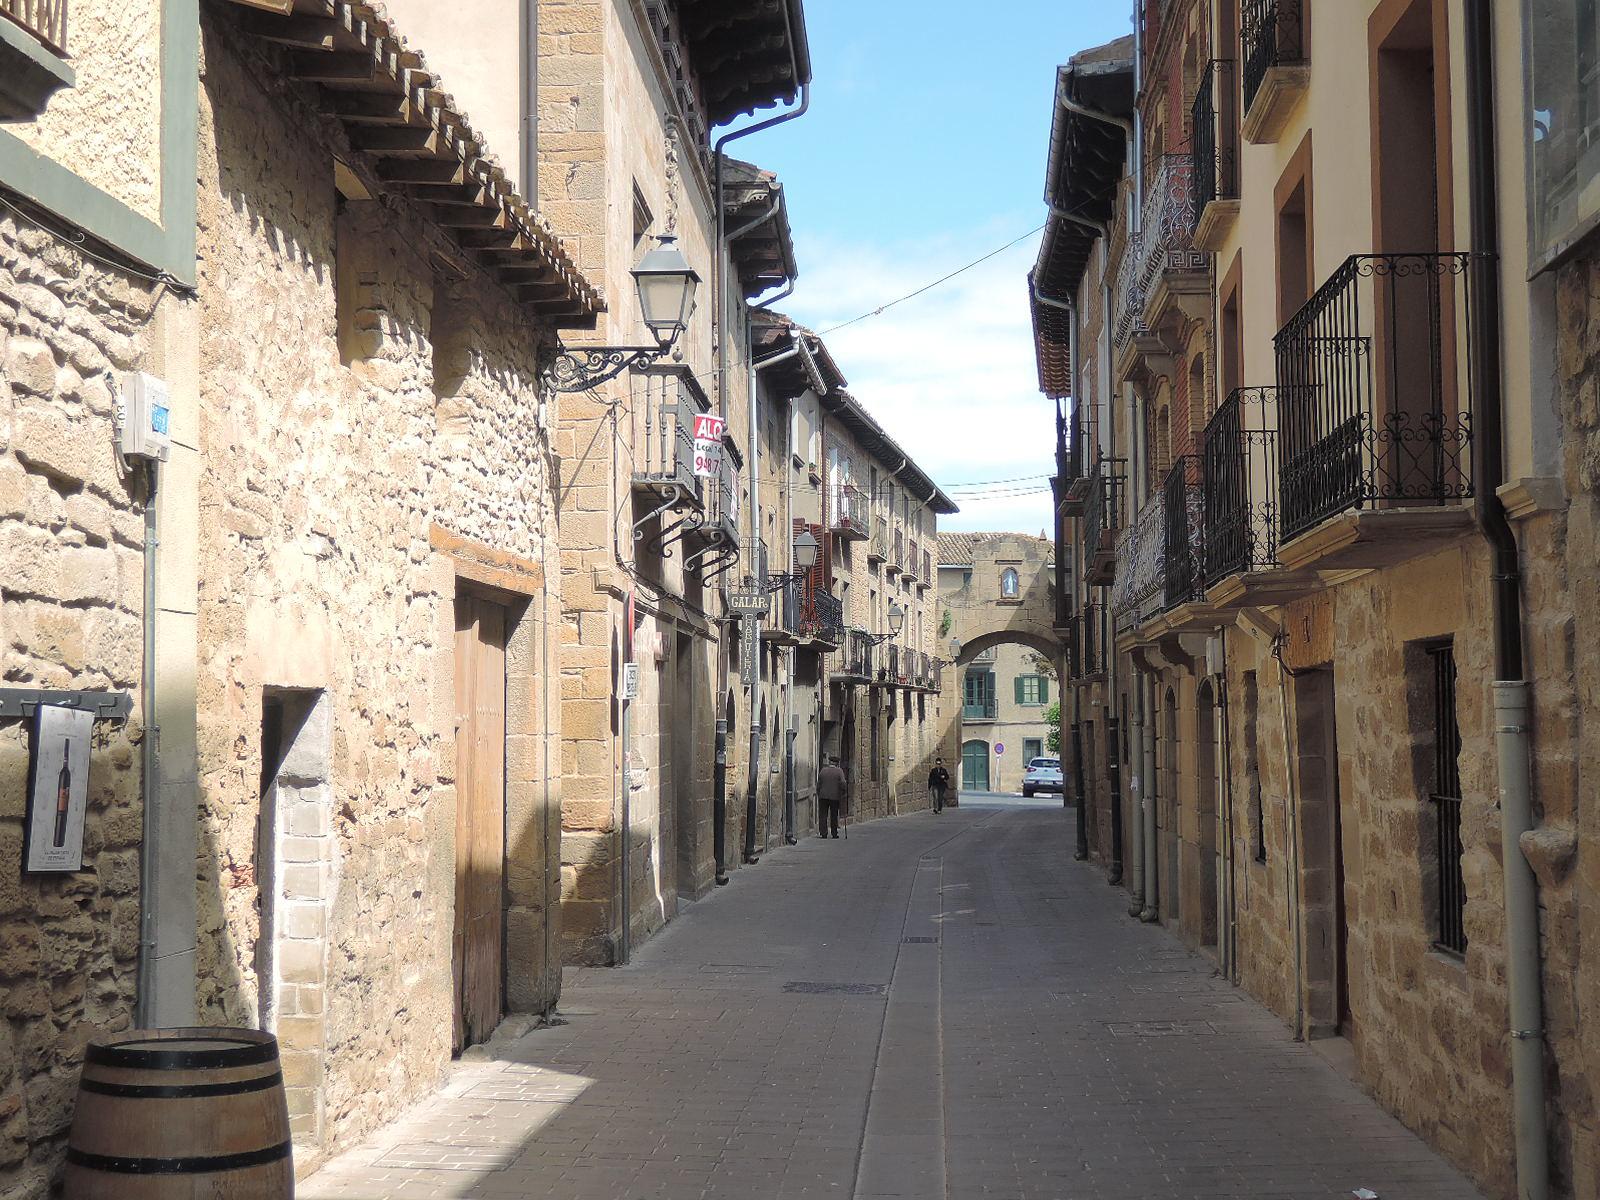 La entrañable rúa Portillo, con su virgencita sobre el arco de la puerta.